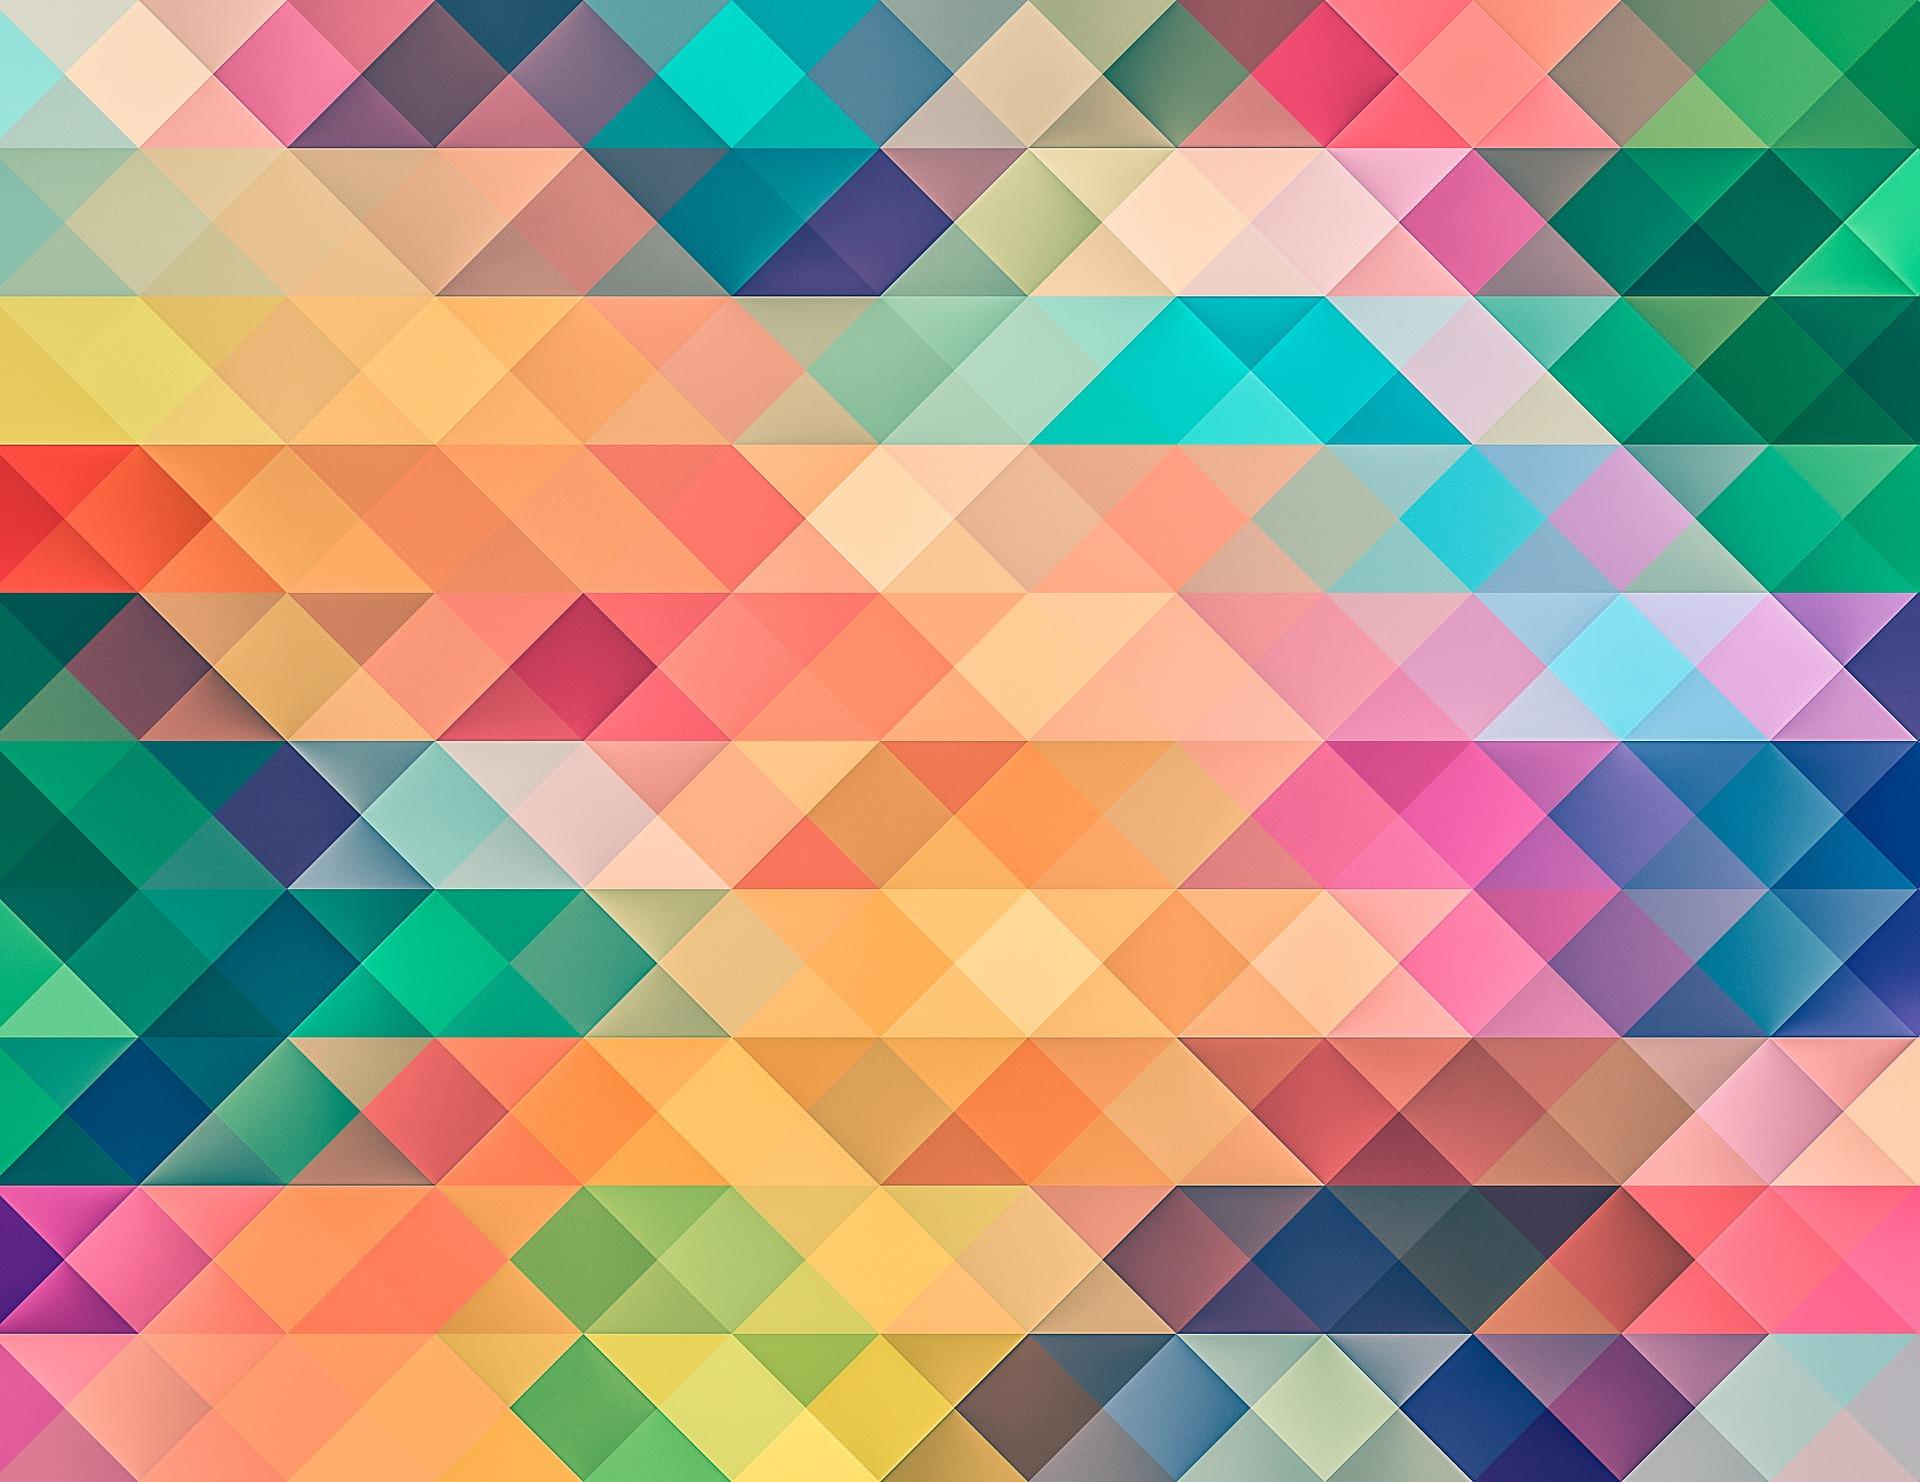 13-те съвета за графичен дизайн, които всички не-дизайнери трябва да знаят